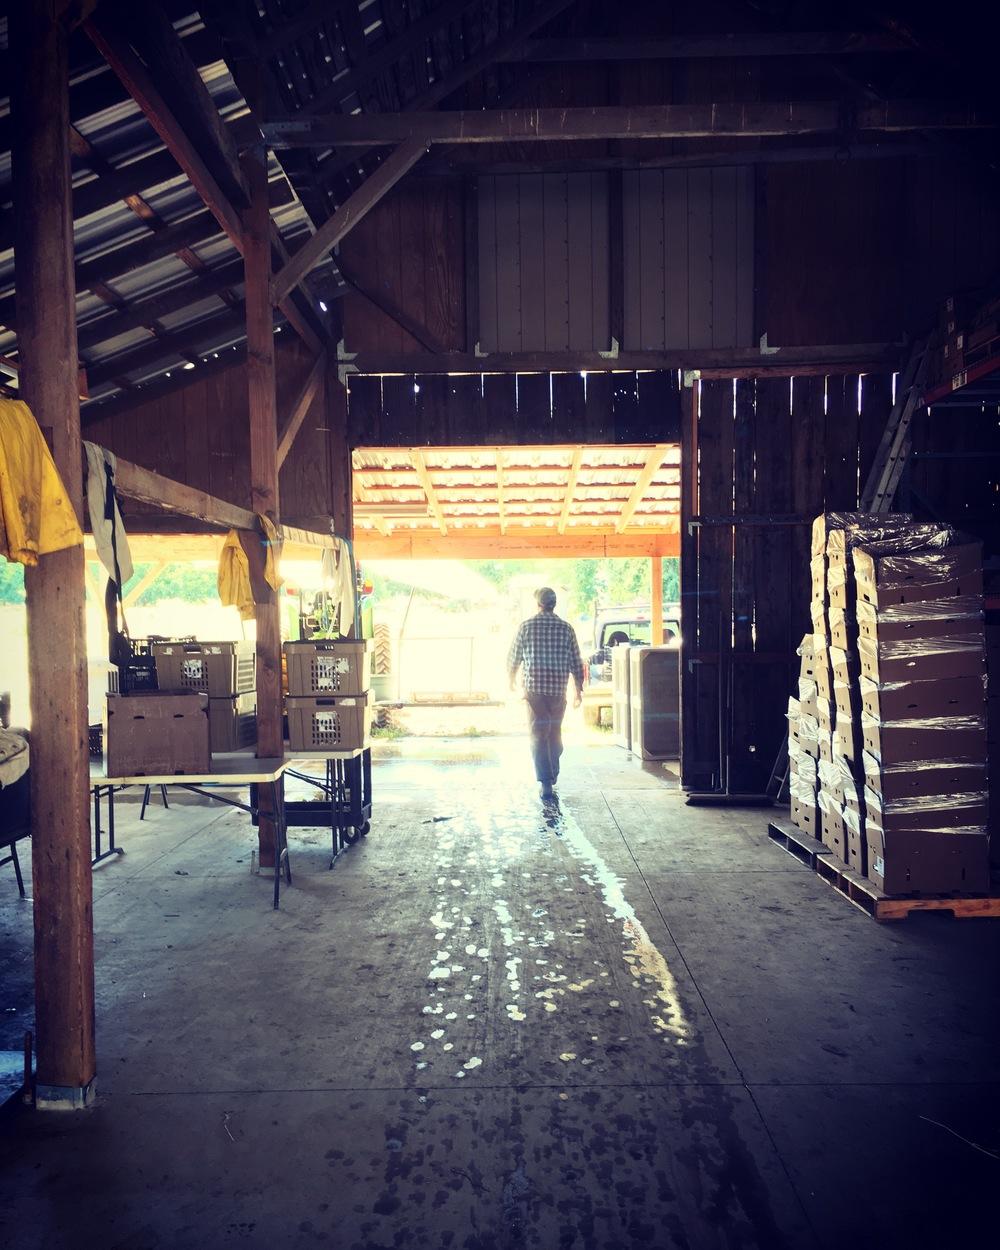 Farmer Dusty in his zone.